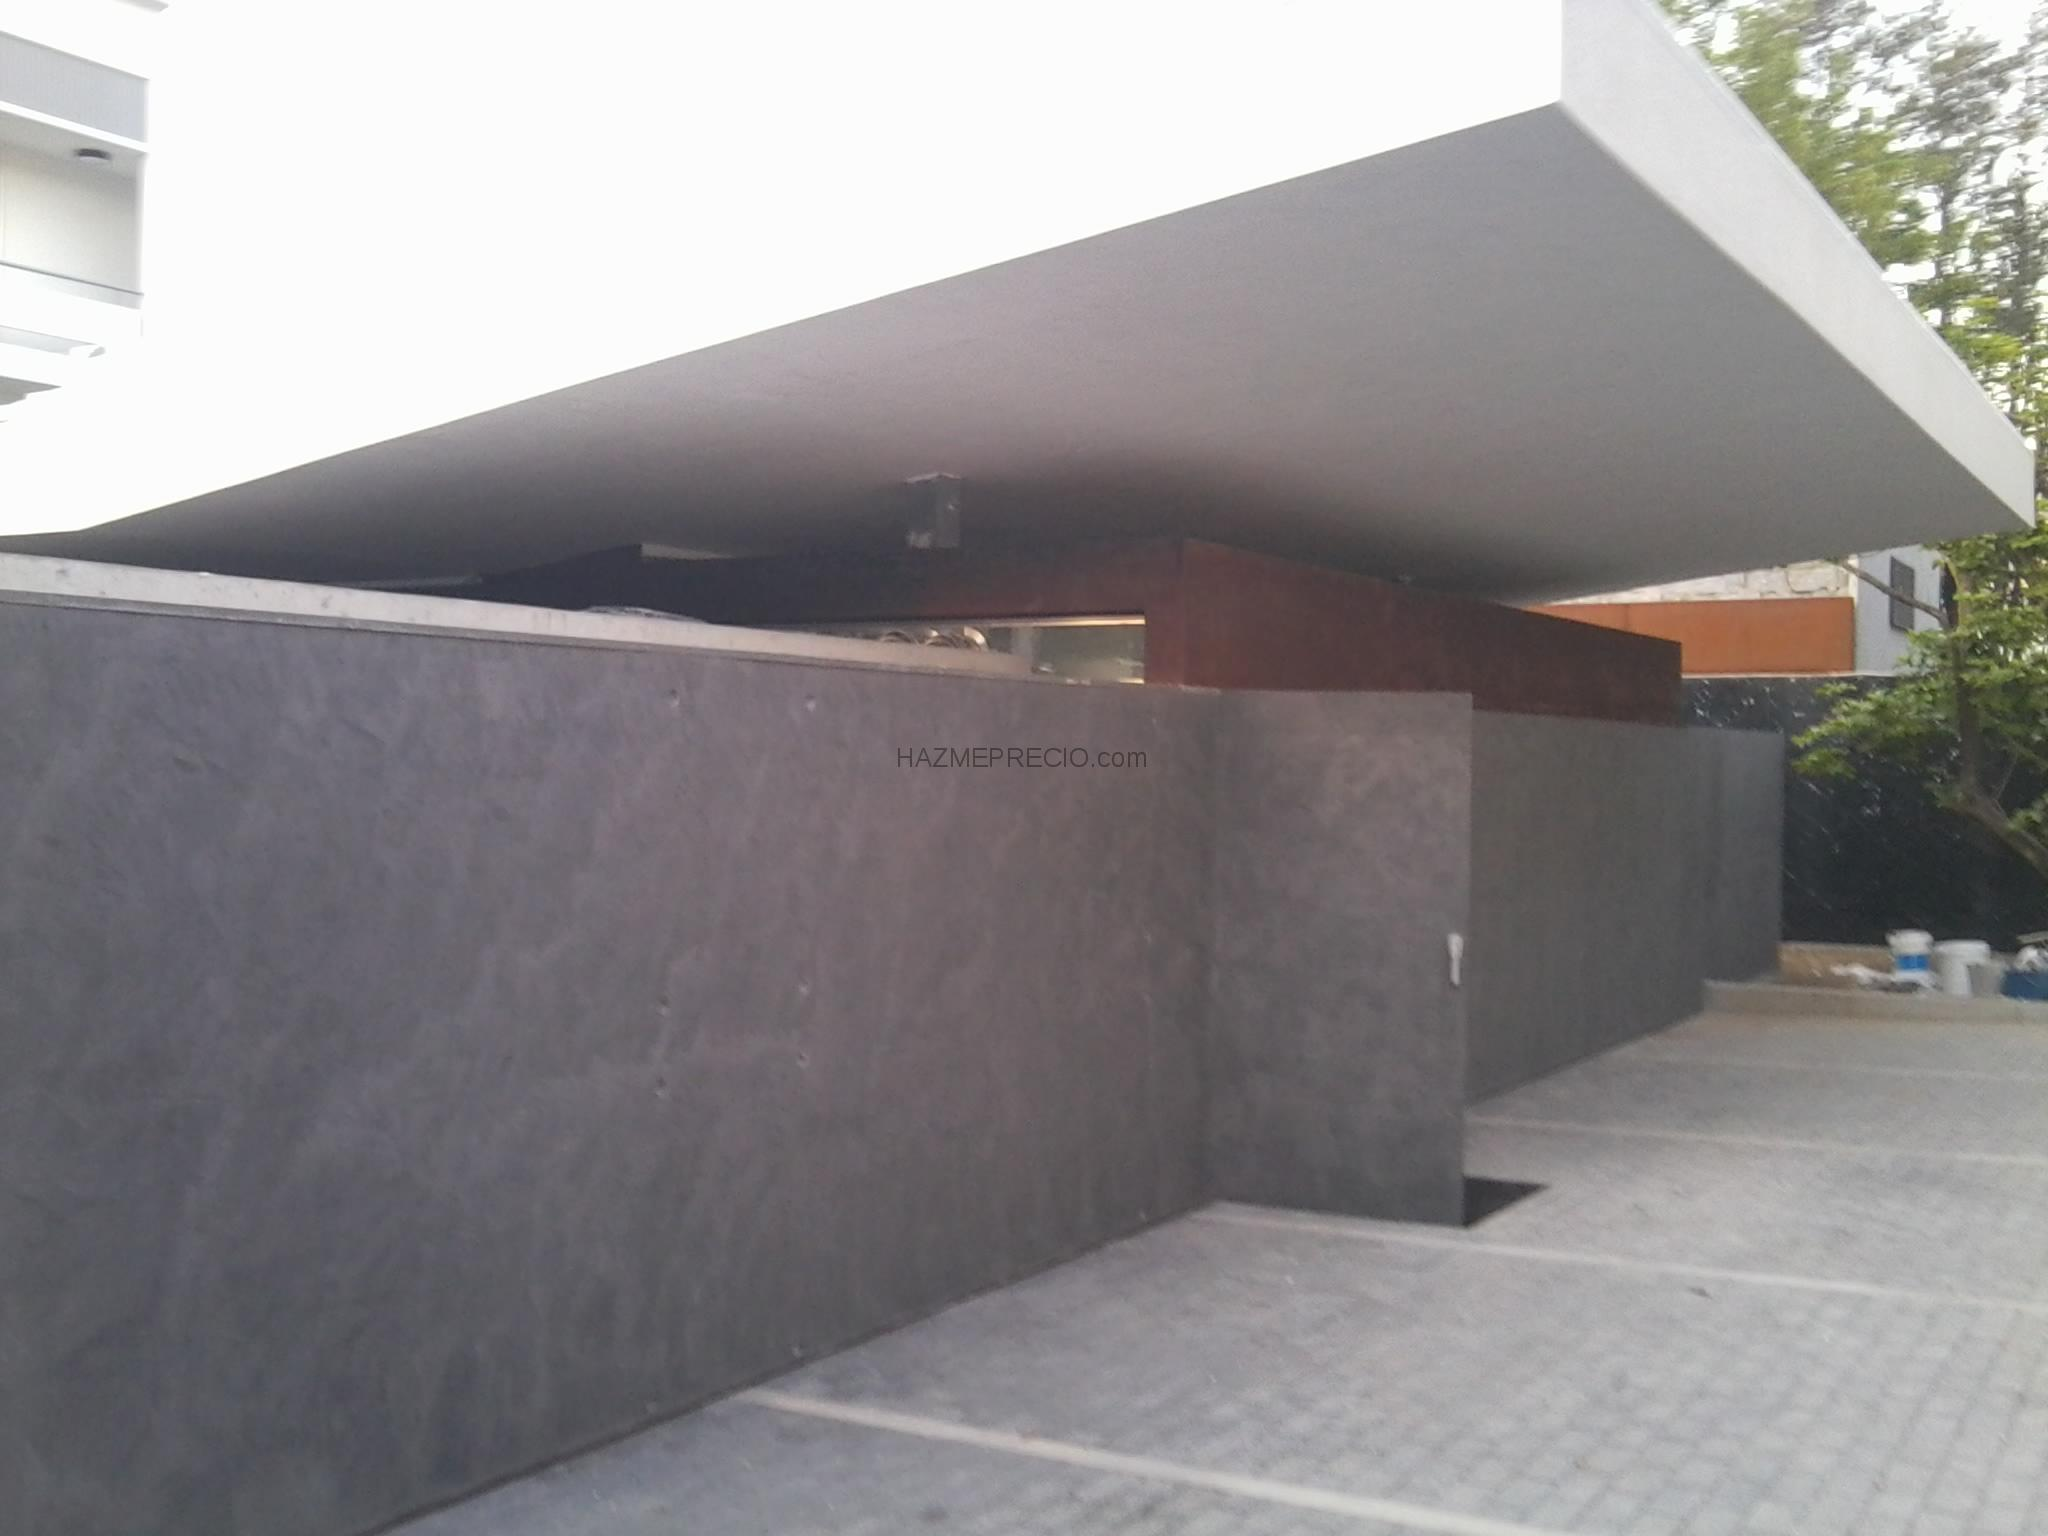 Presupuesto para microcemento fonollosa barcelona - Como aplicar microcemento ...